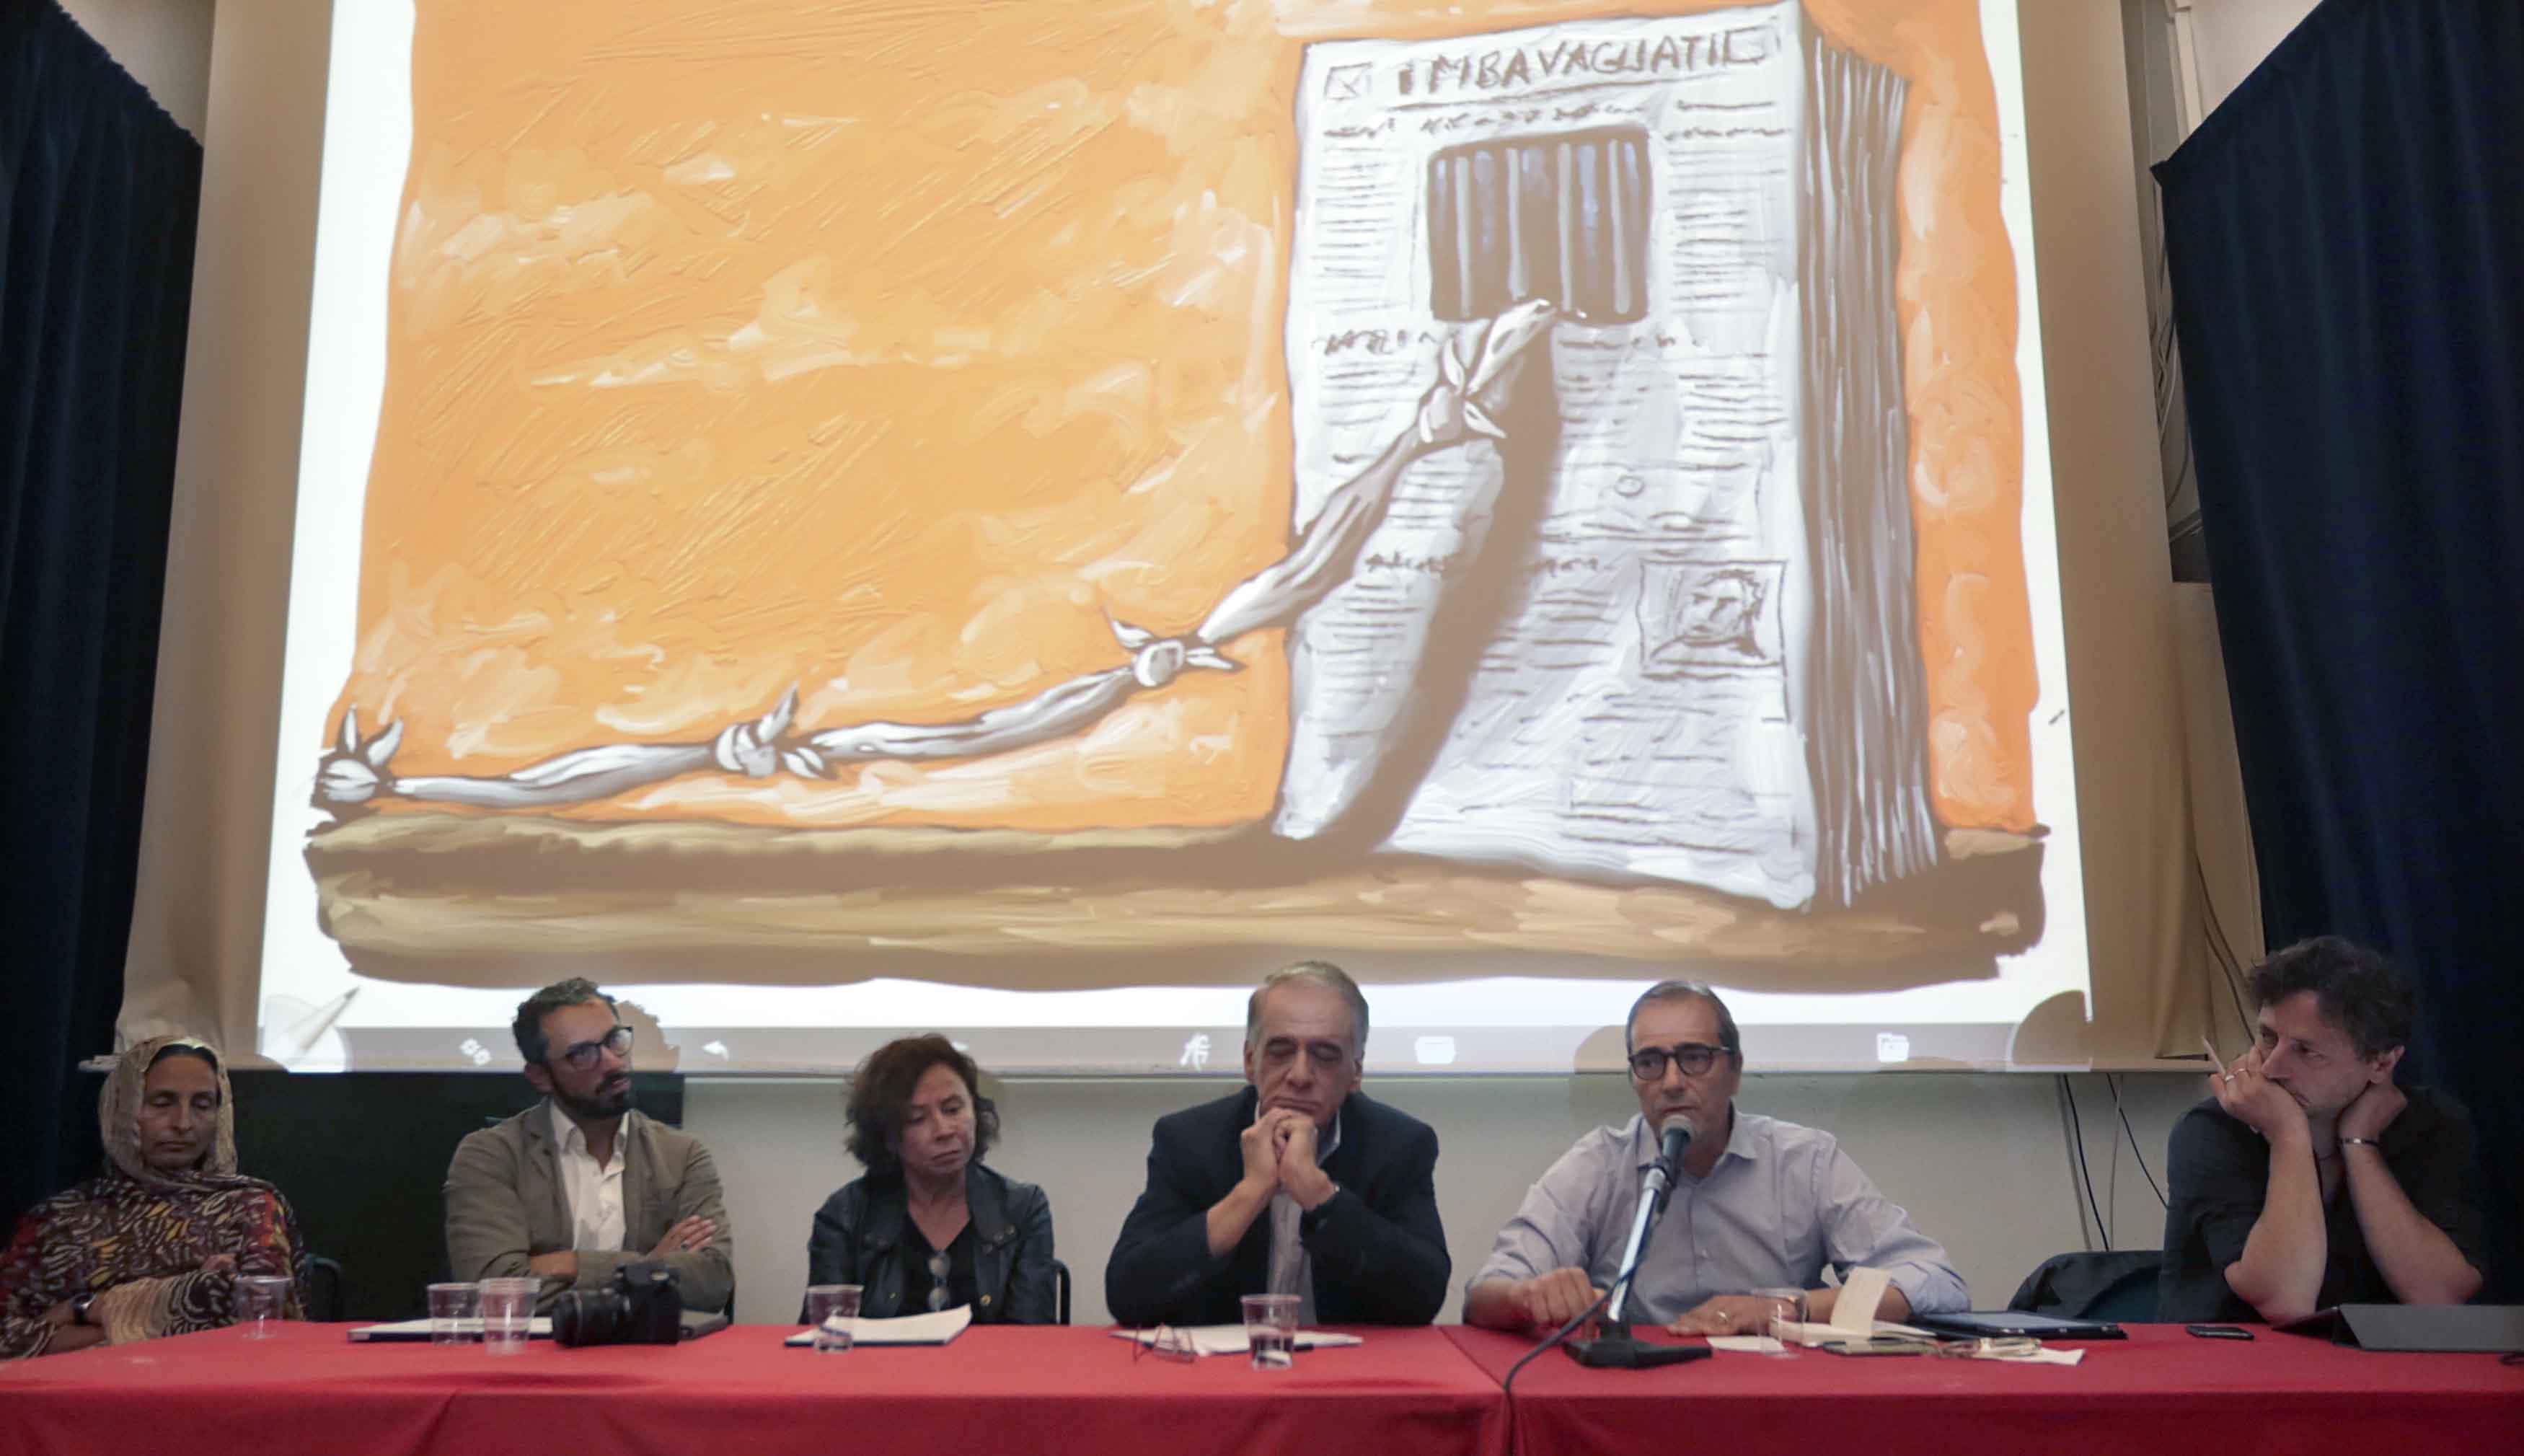 Imbavagliati: Il Festival di giornalismo che dà voce a chi non ha più voce